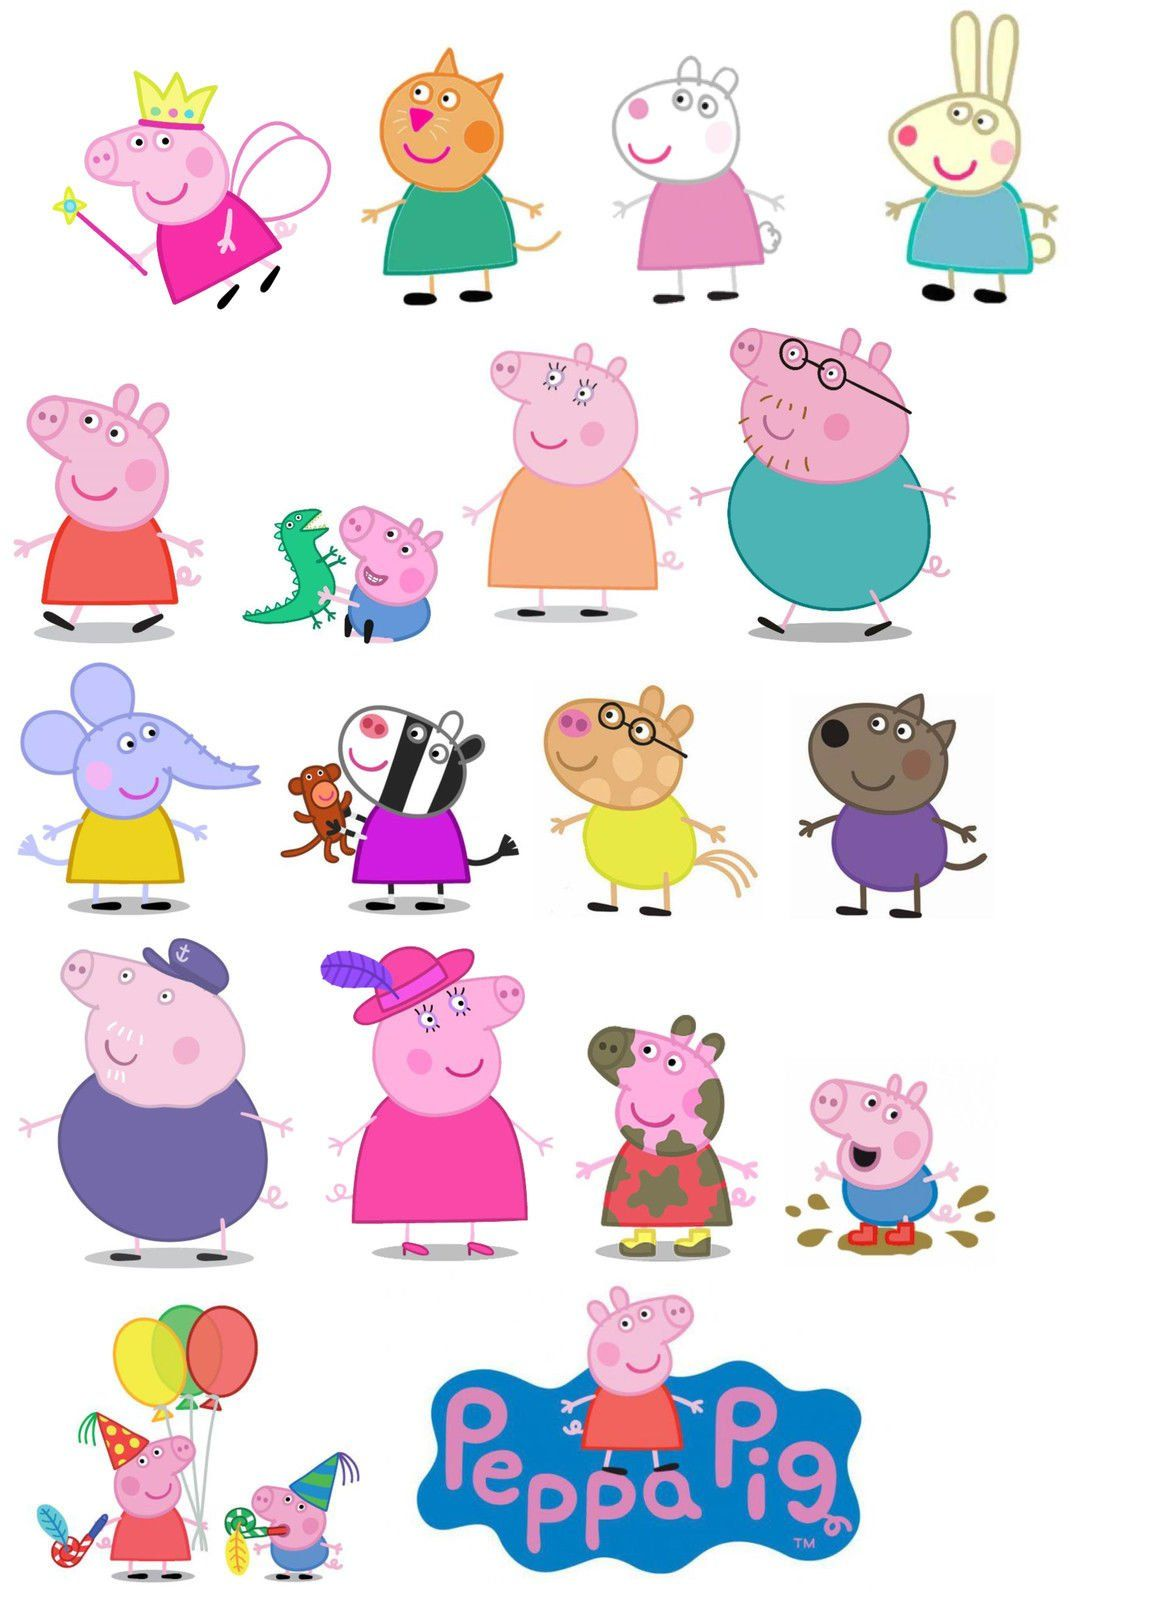 7128c9htwtl Sl1500 Jpg 1078 1500 Invitaciones De Cumpleaños De Peppa Pig Peppa Imagenes Peppa Pig Cumpleaños Decoracion